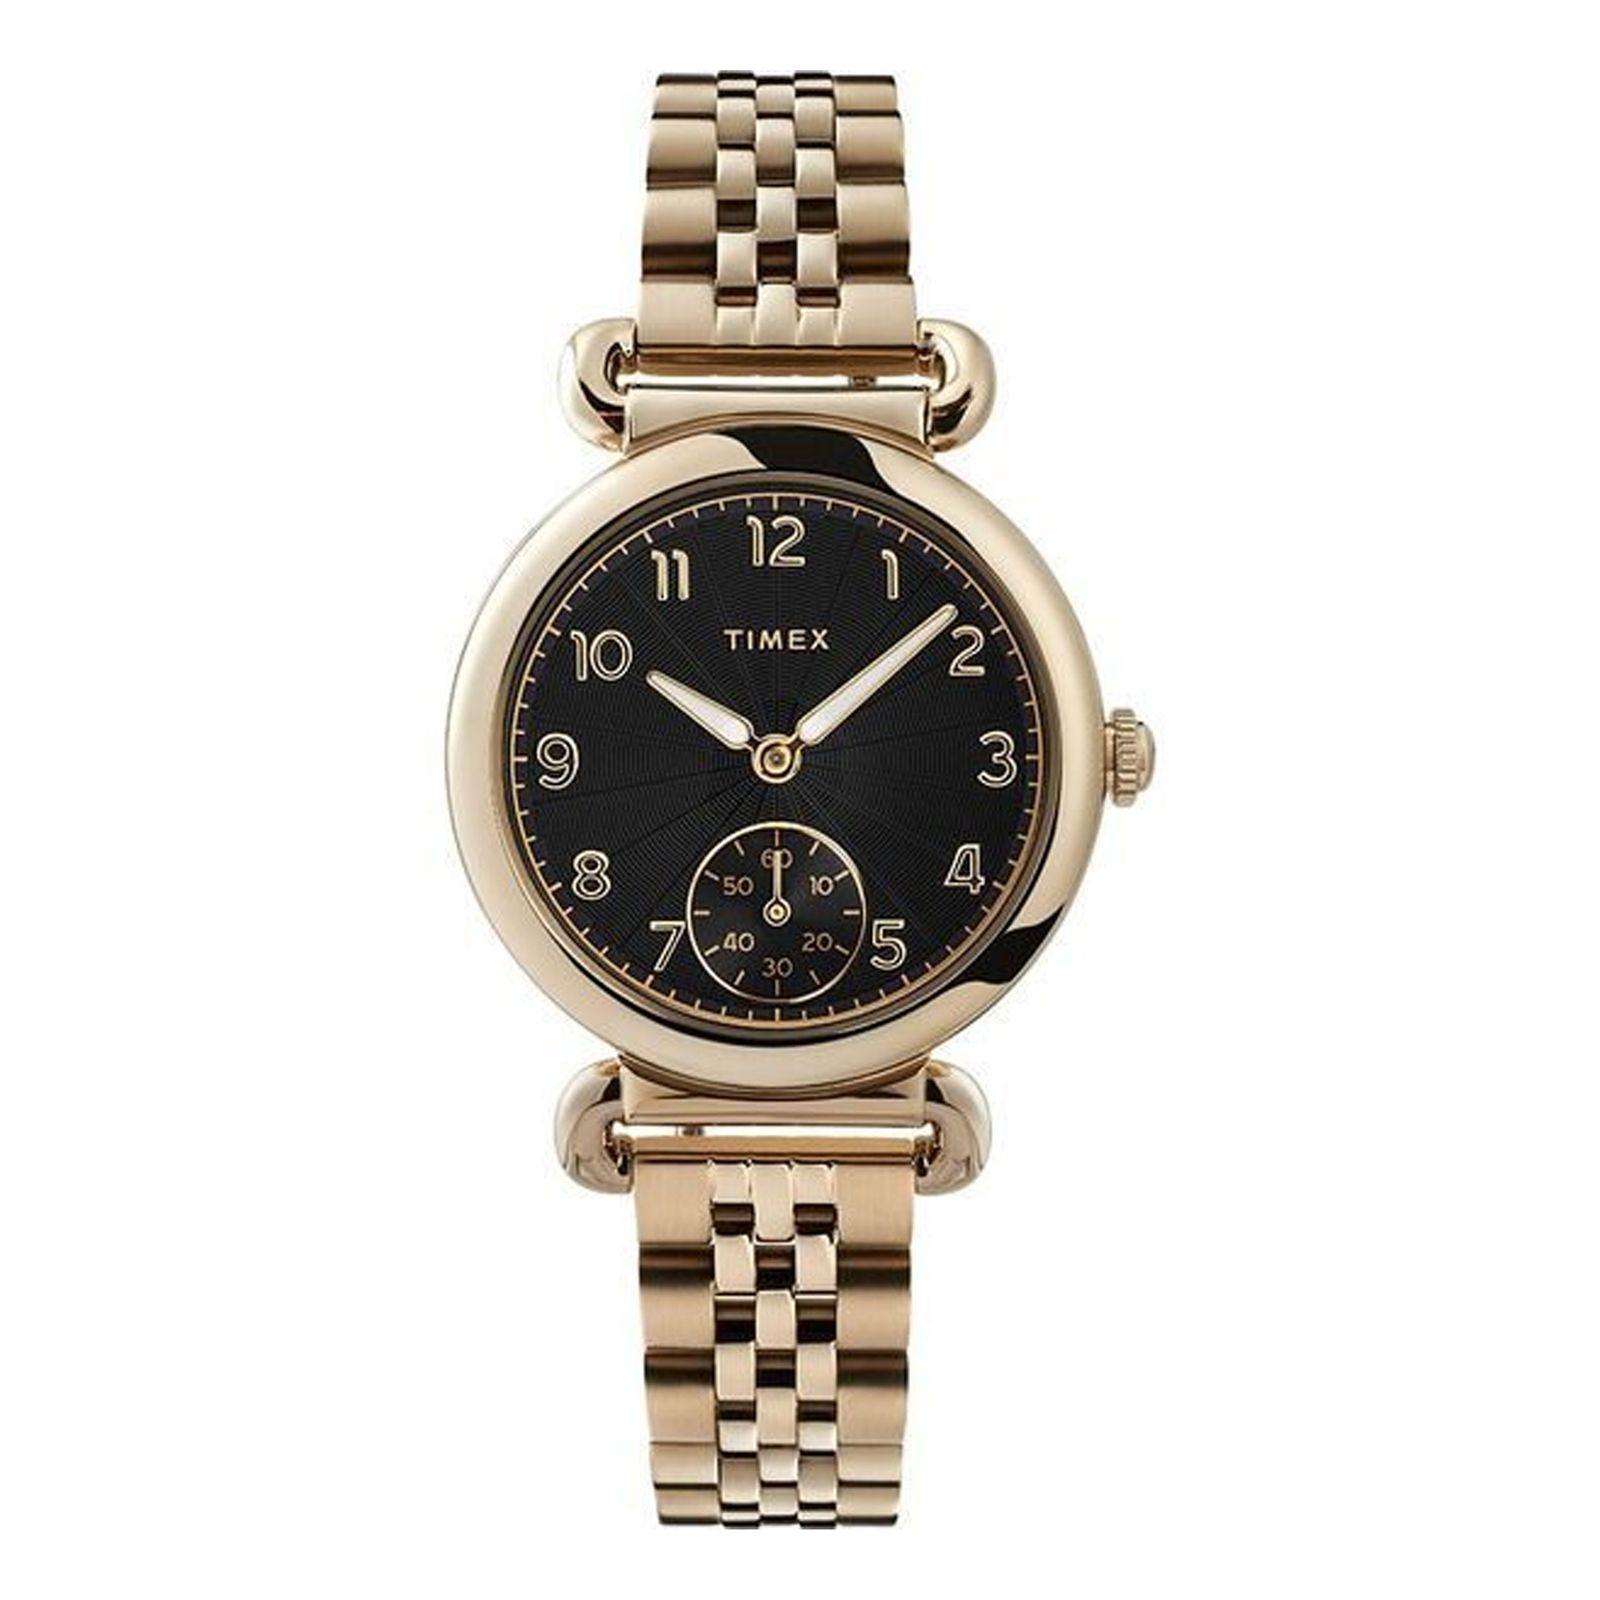 ساعت مچی عقربه ای زنانه تایمکس مدل TW2T88700 -  - 1